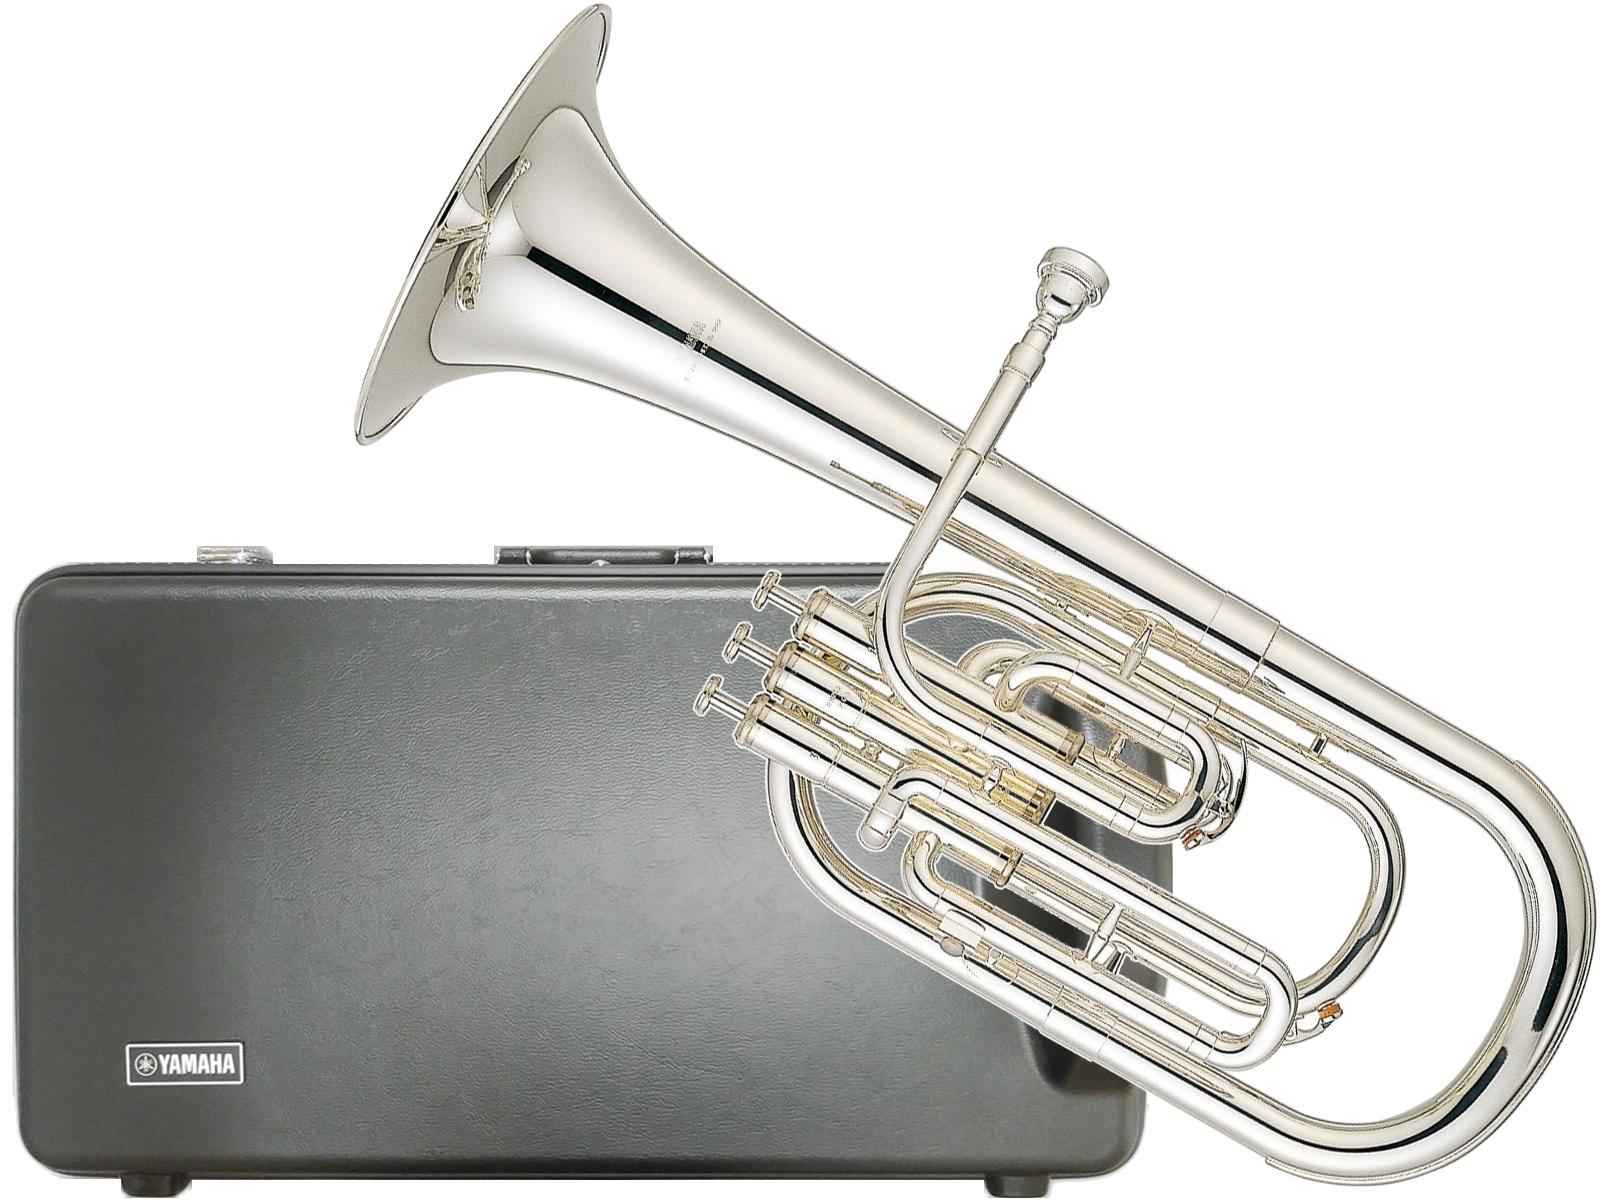 YAMAHA ( ヤマハ ) YAH-203S アルトホルン 正規品 E♭ 銀メッキ 3ピストン トップアクション 管楽器 Eb alto horn Eフラット 北海道 沖縄 離島不可